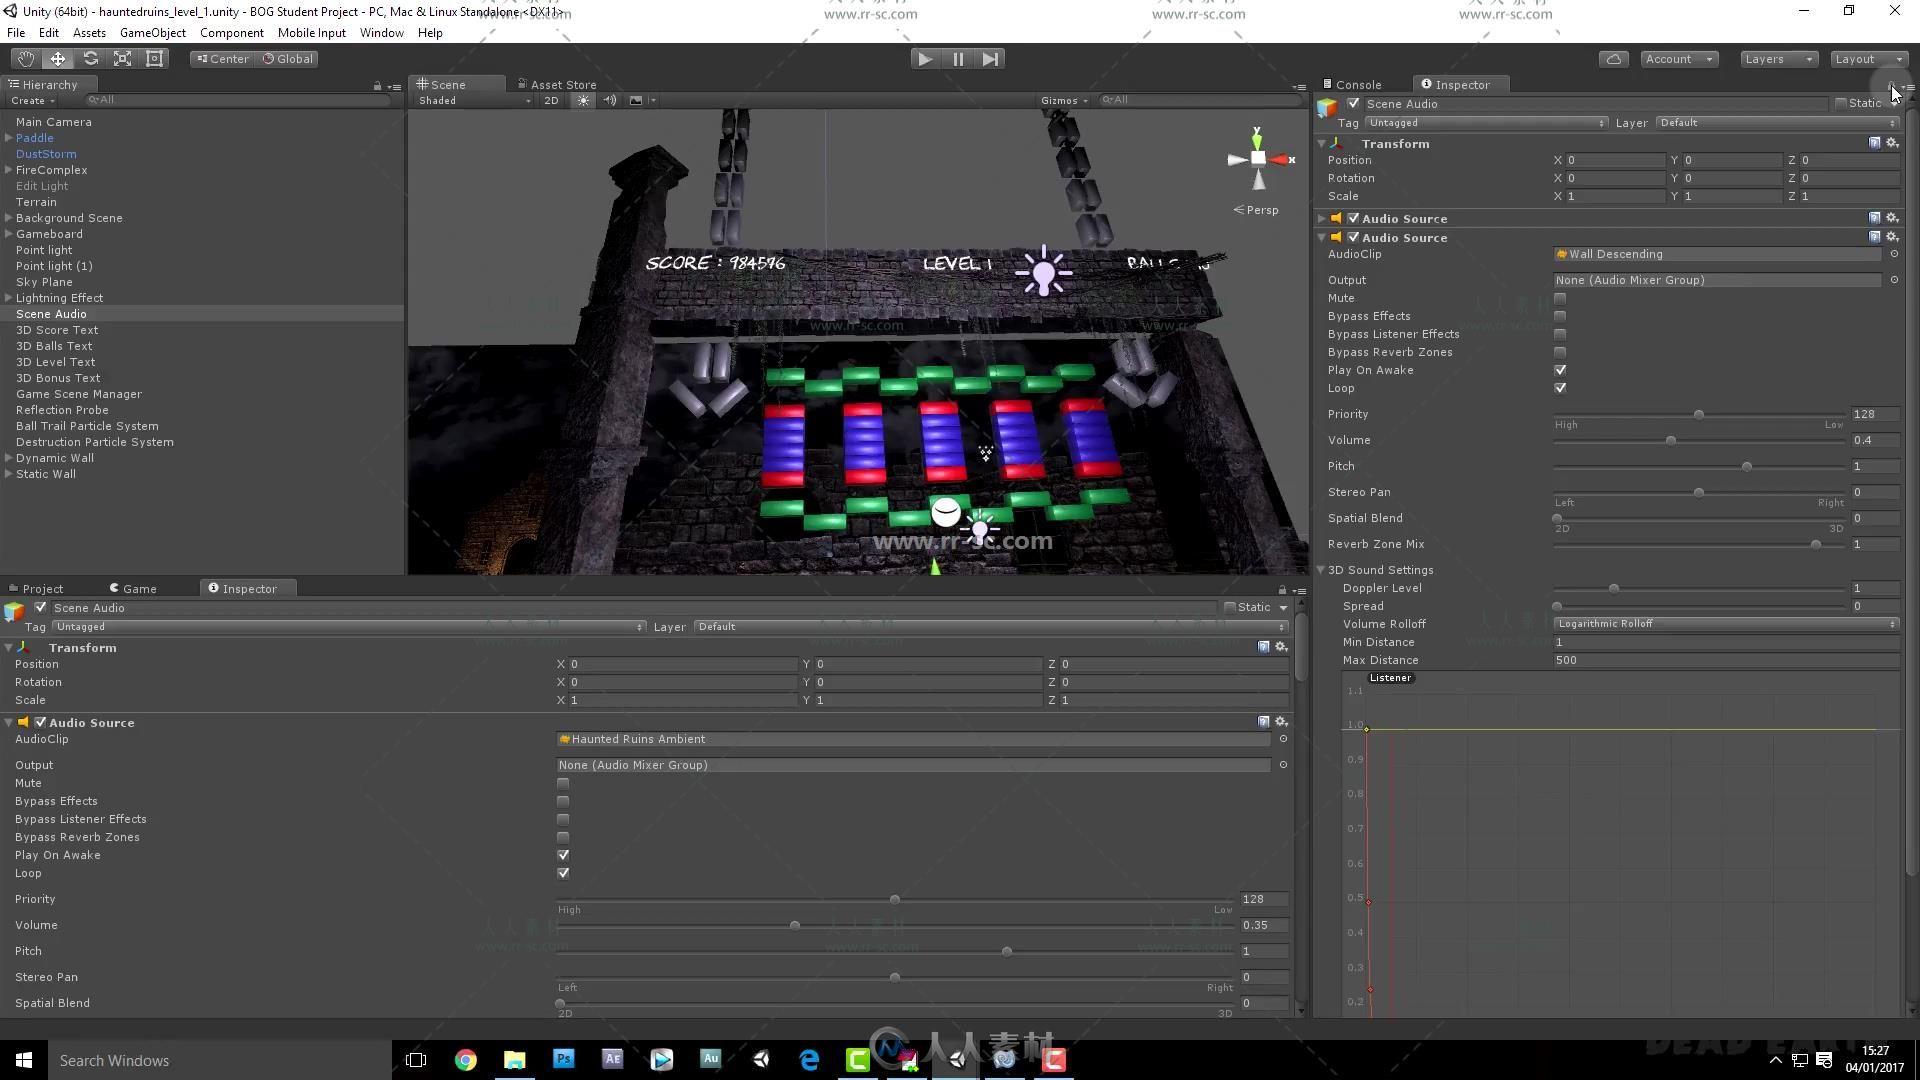 Unity 5商业游戏项目实例制作视频教程第二季